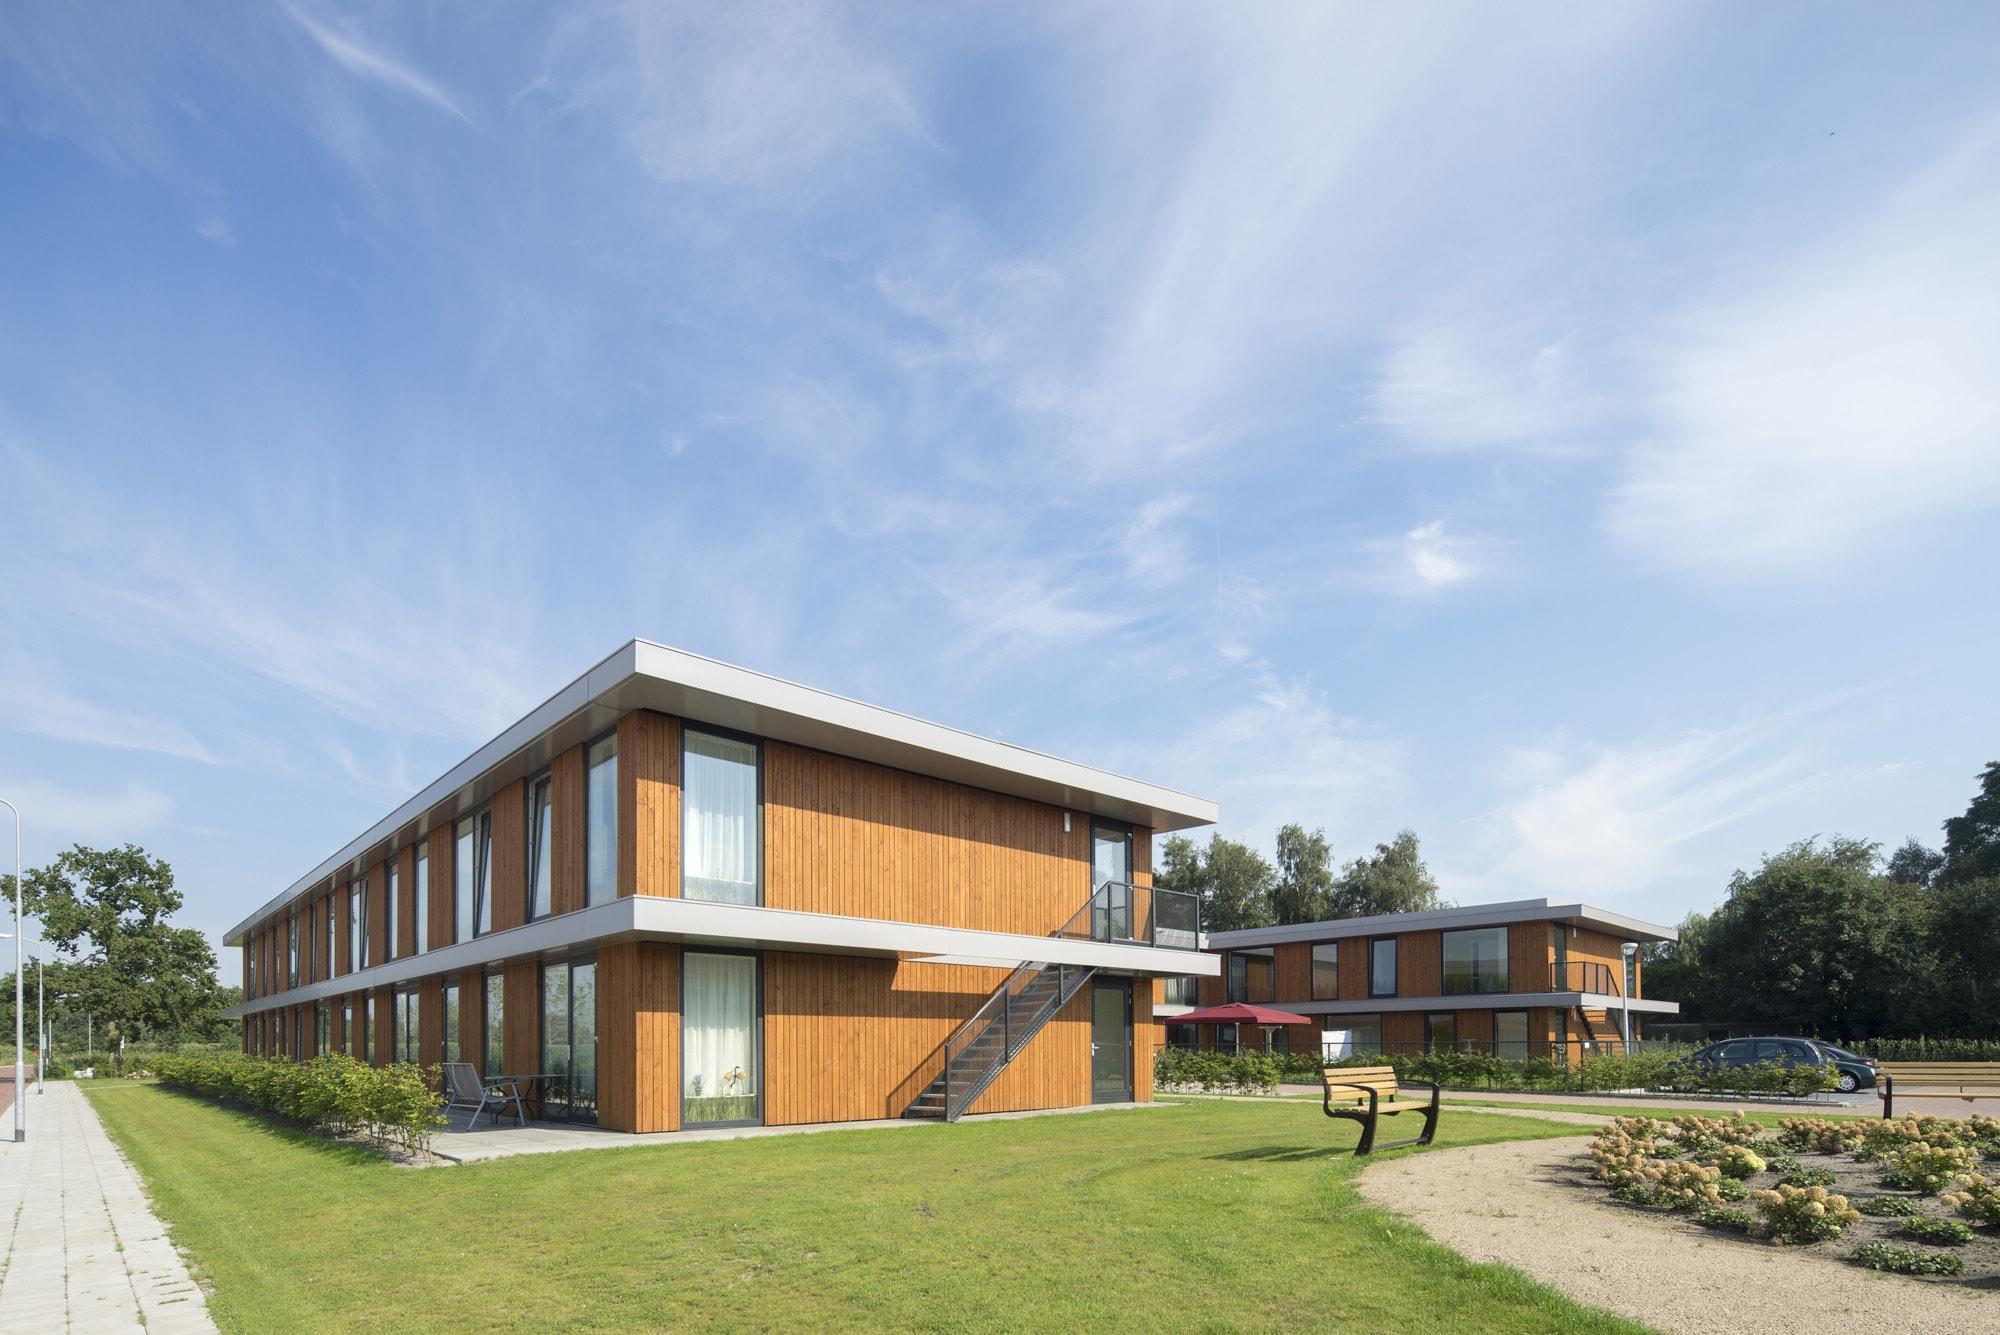 Kootwijkerbroek Norschoten Schoonbeekhof JMW architecten